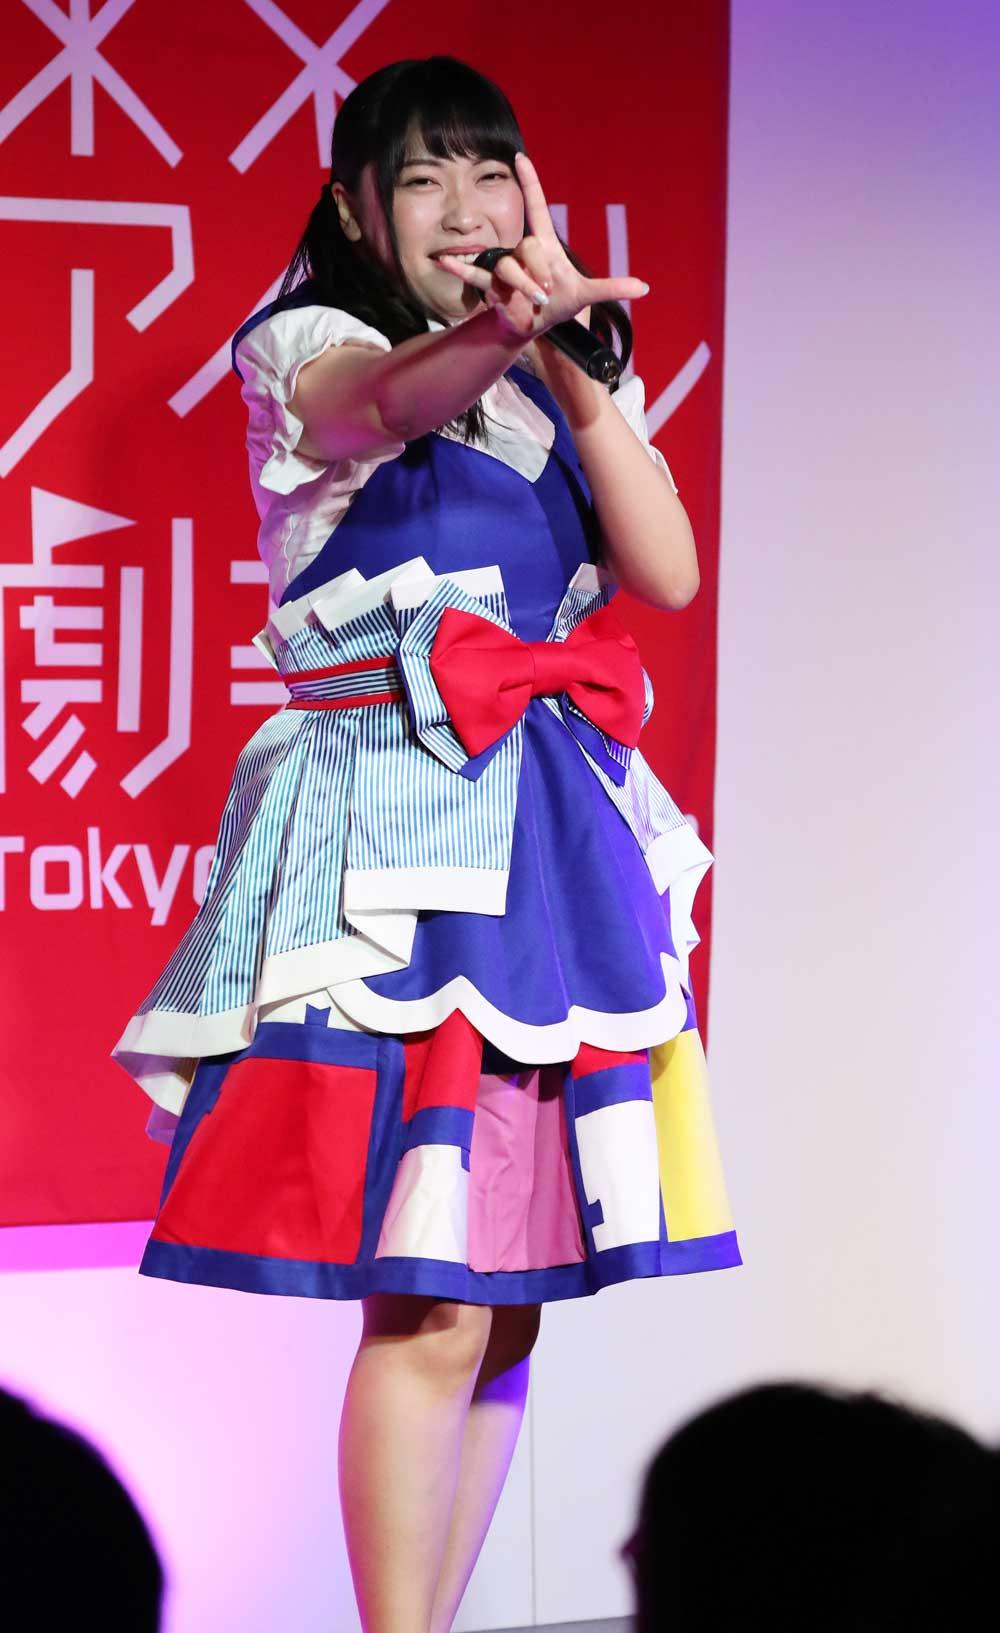 Images : 19番目の画像 - 「ミライスカート/安定&丁寧なパフォーマンスで名曲の数々を歌いきる。6月29日にはホームグラウンドの京都でフェスを開催」のアルバム - Stereo Sound ONLINE